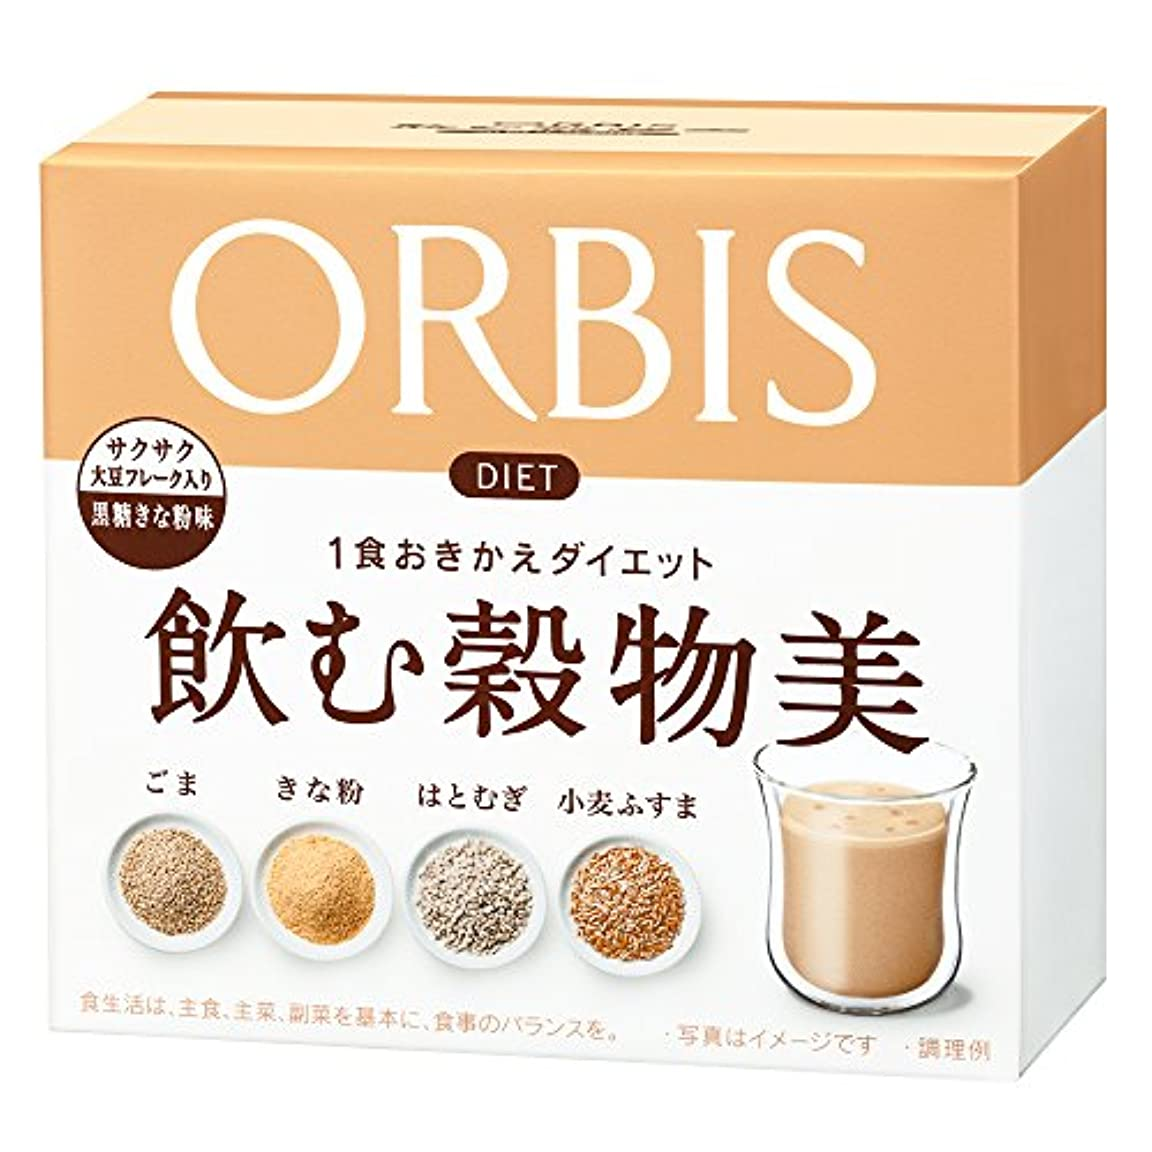 暖炉寝てるによるとオルビス(ORBIS) 飲む穀物美 黒糖きなこ味 7日分(25g×7袋) ◎雑穀ダイエットシェイク◎ 1食分約189kcal